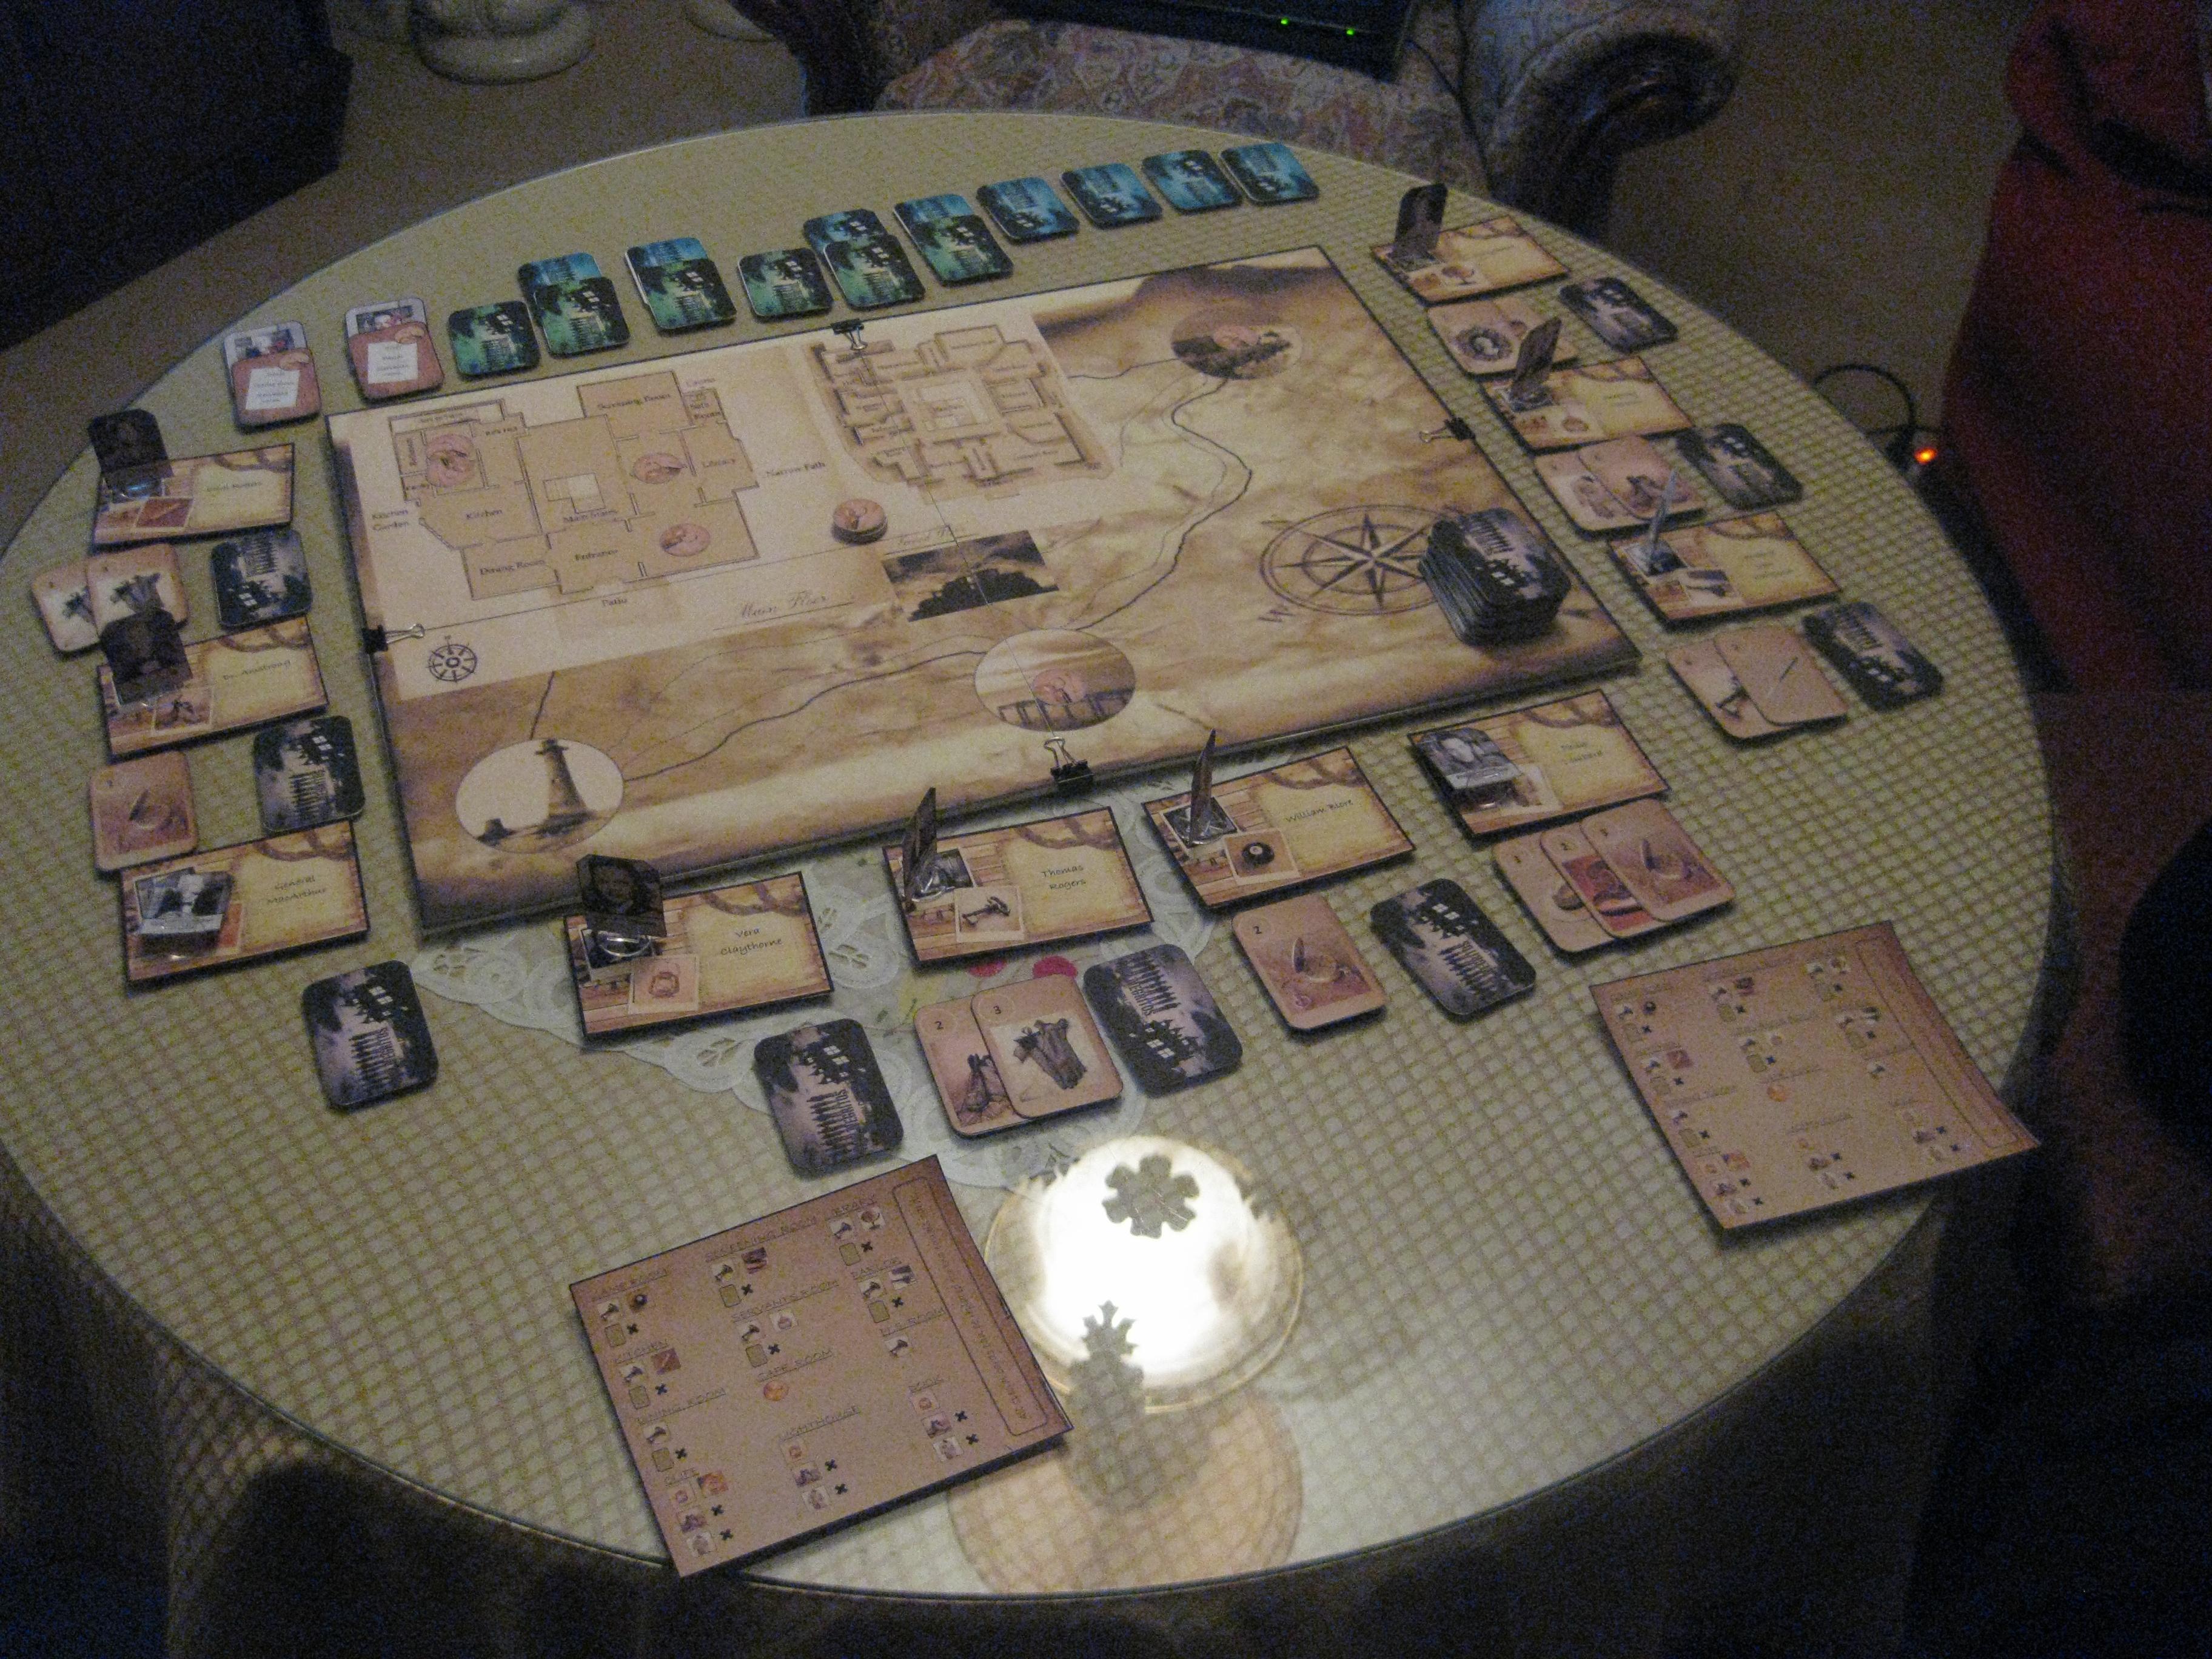 Proto juego de hoy 10 negritos jugando en pareja for 10 negritos juego de mesa